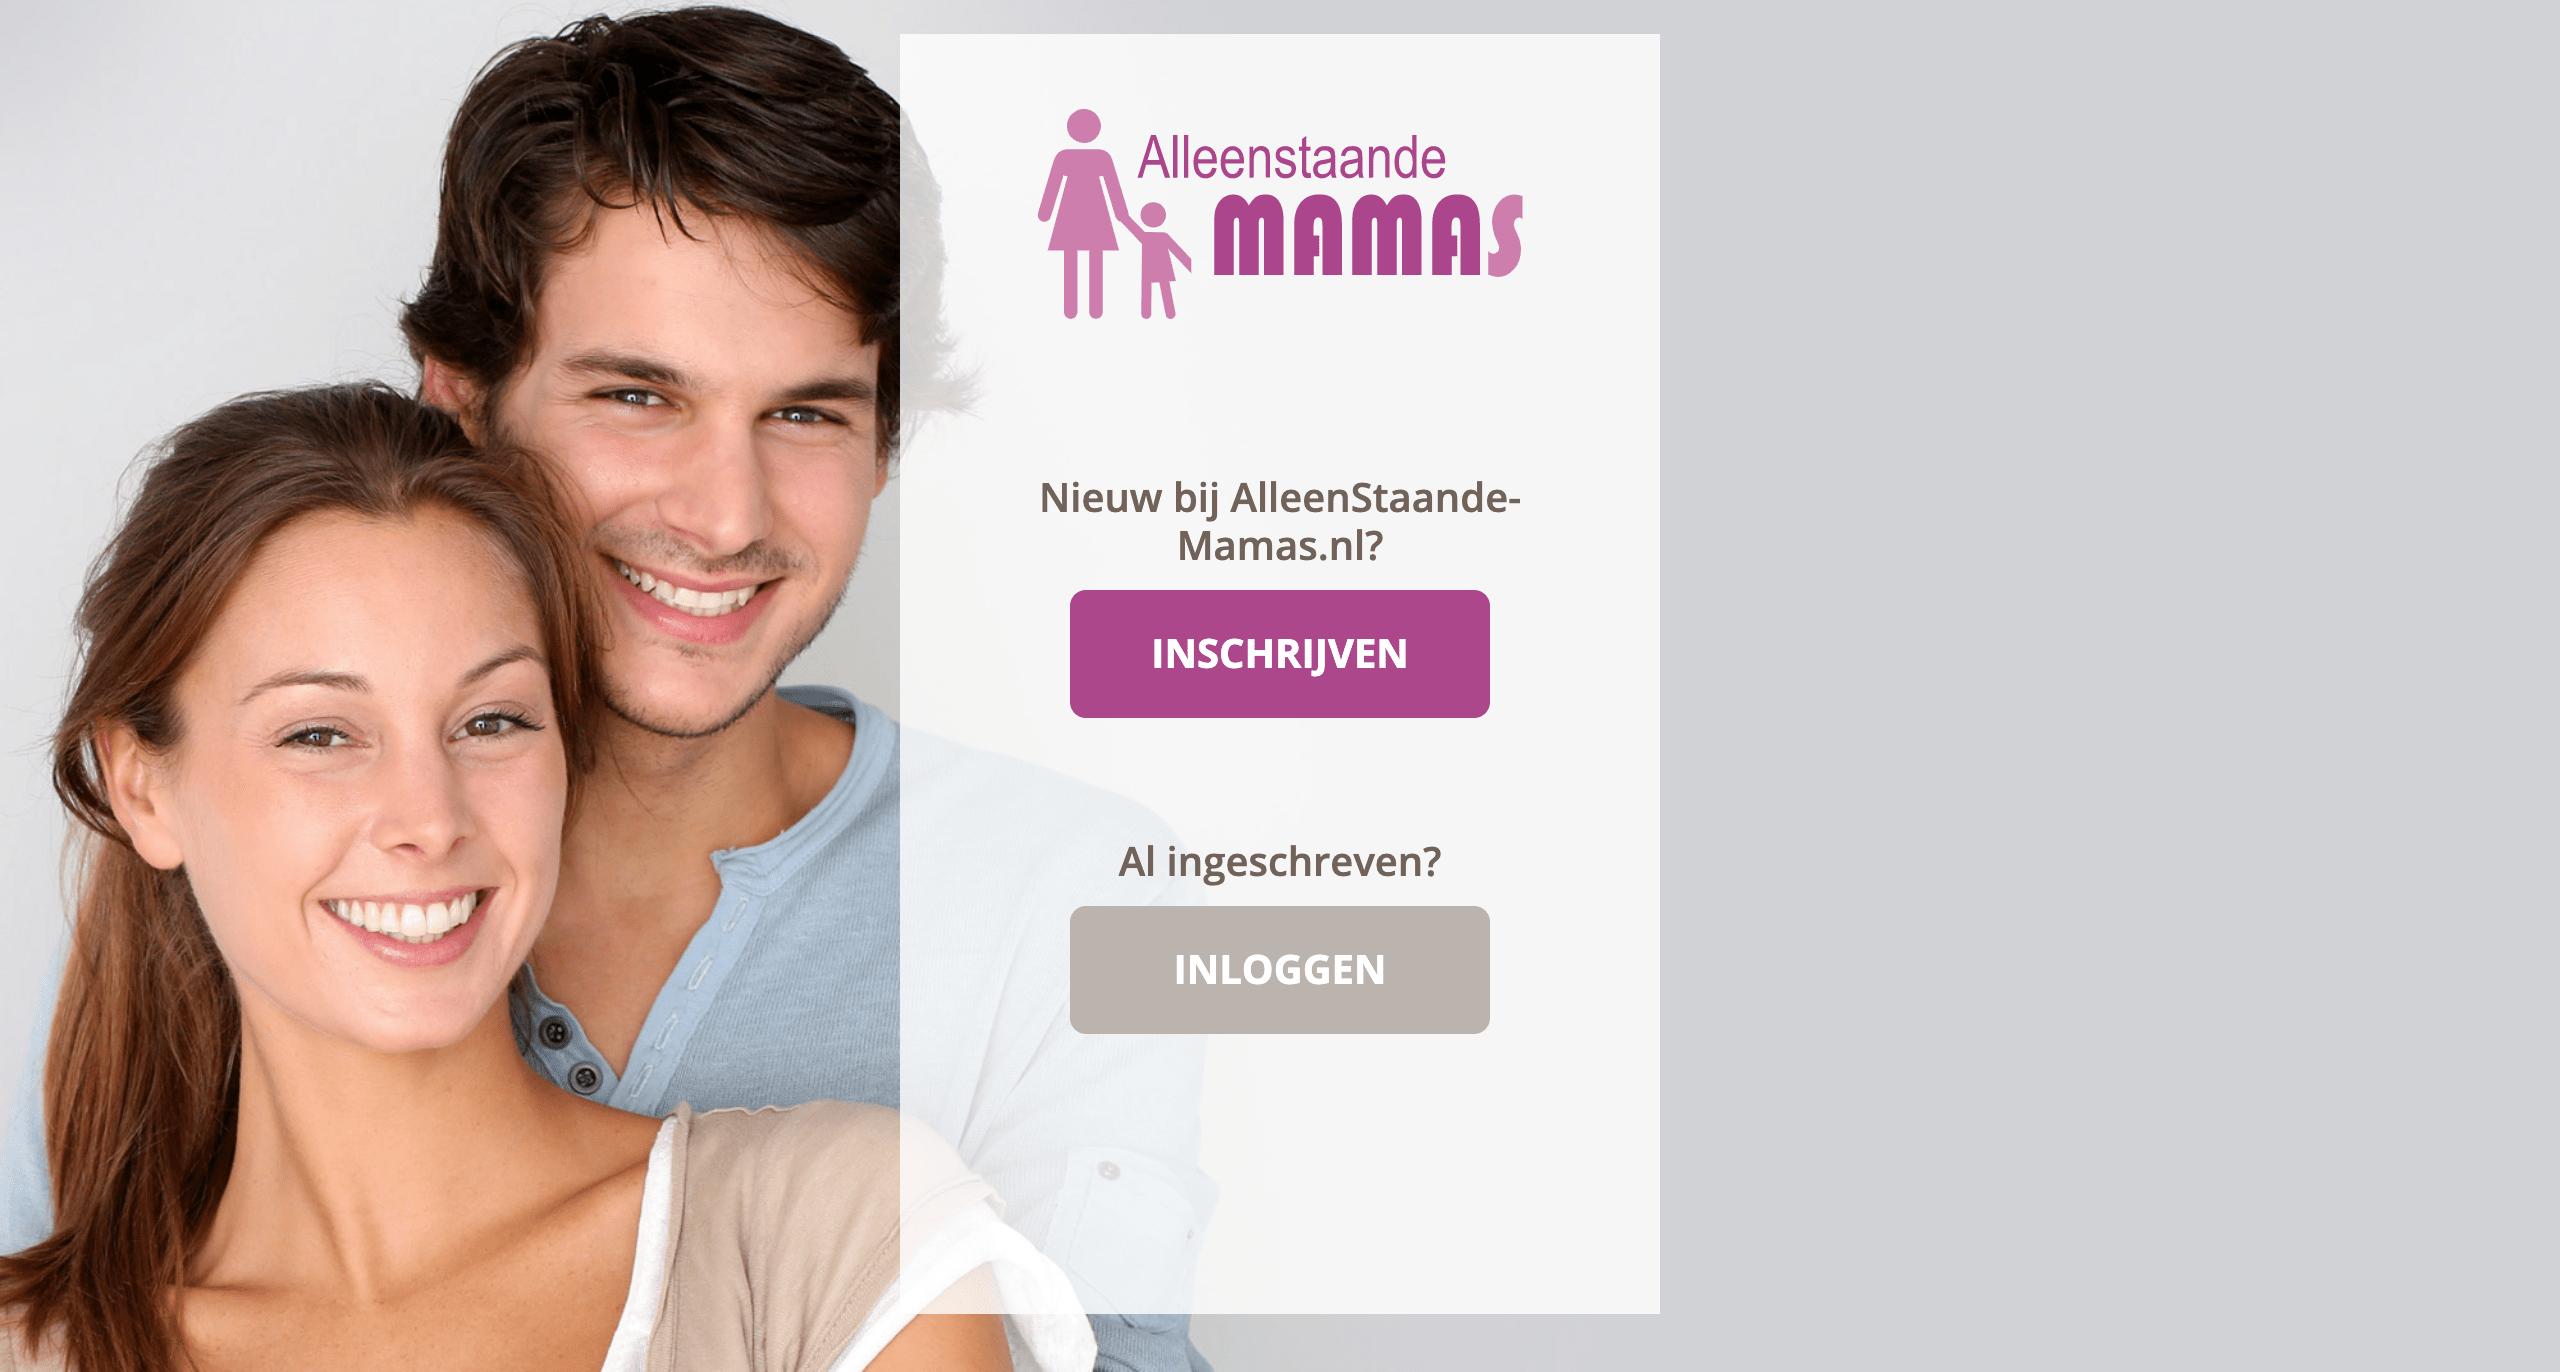 alleenstaande mama's datingsite